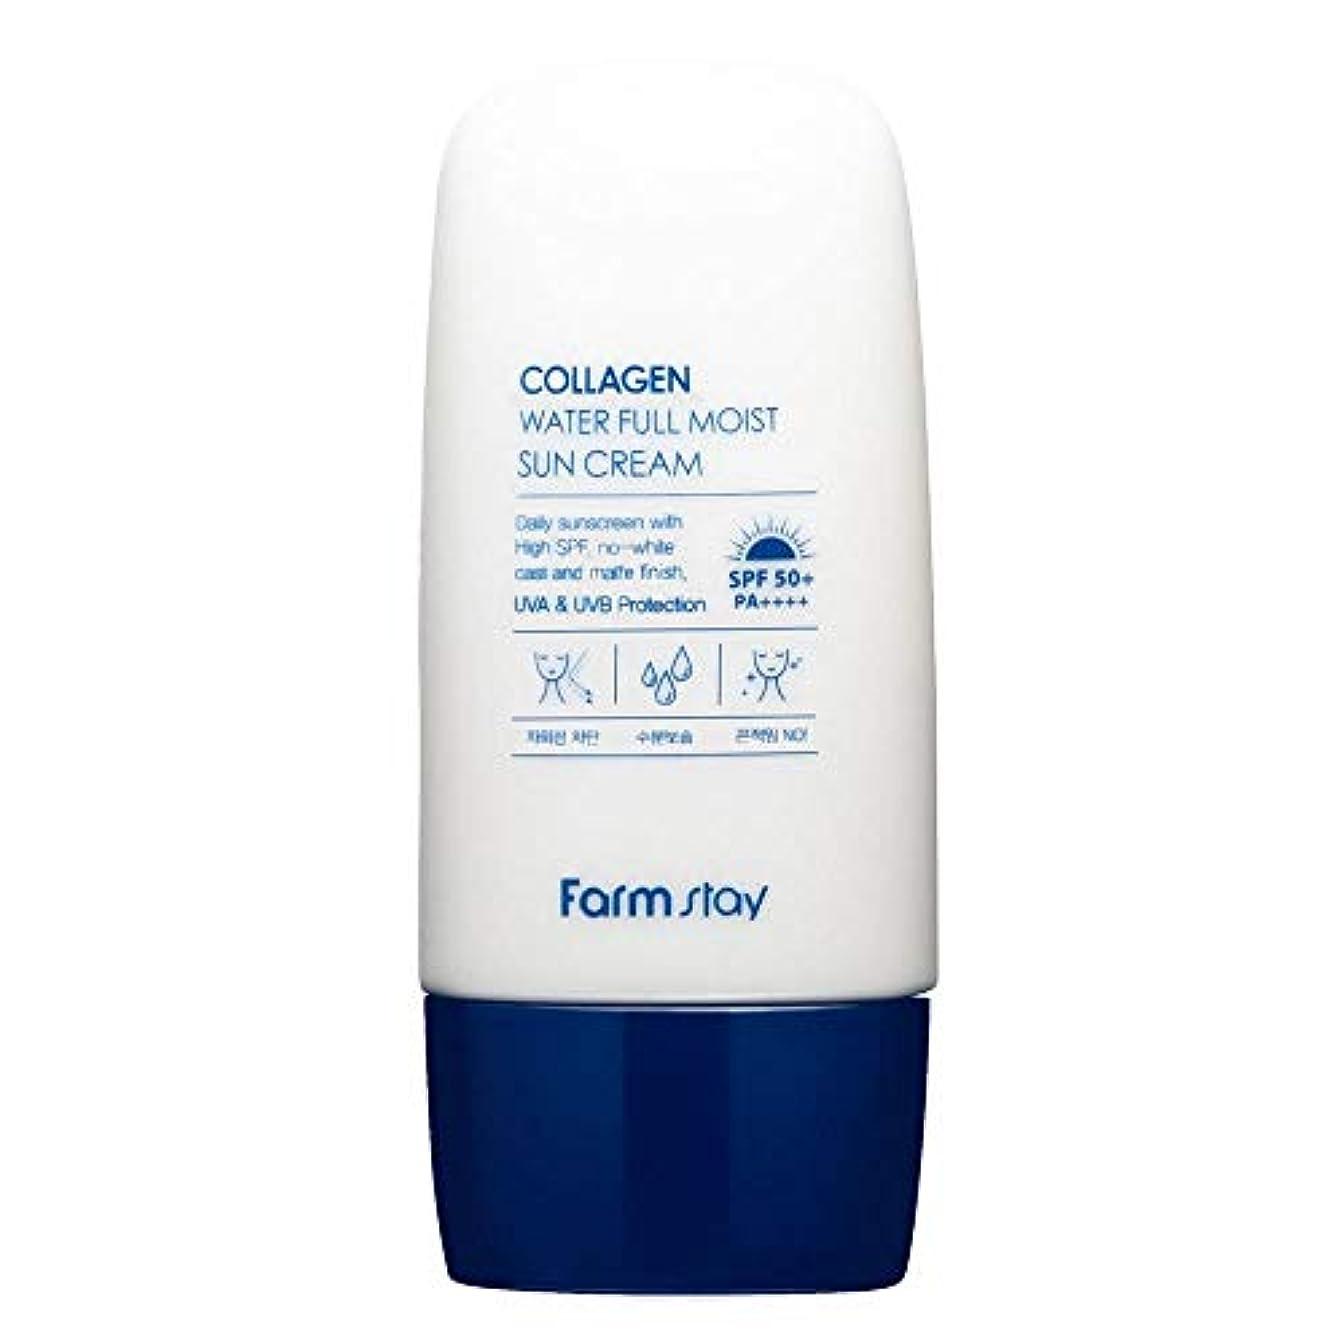 検証痴漢下にファームステイ[Farm Stay] コラーゲンウォーターフルモイストサンクリーム45g / Collagen Water Full Moist Sun Cream